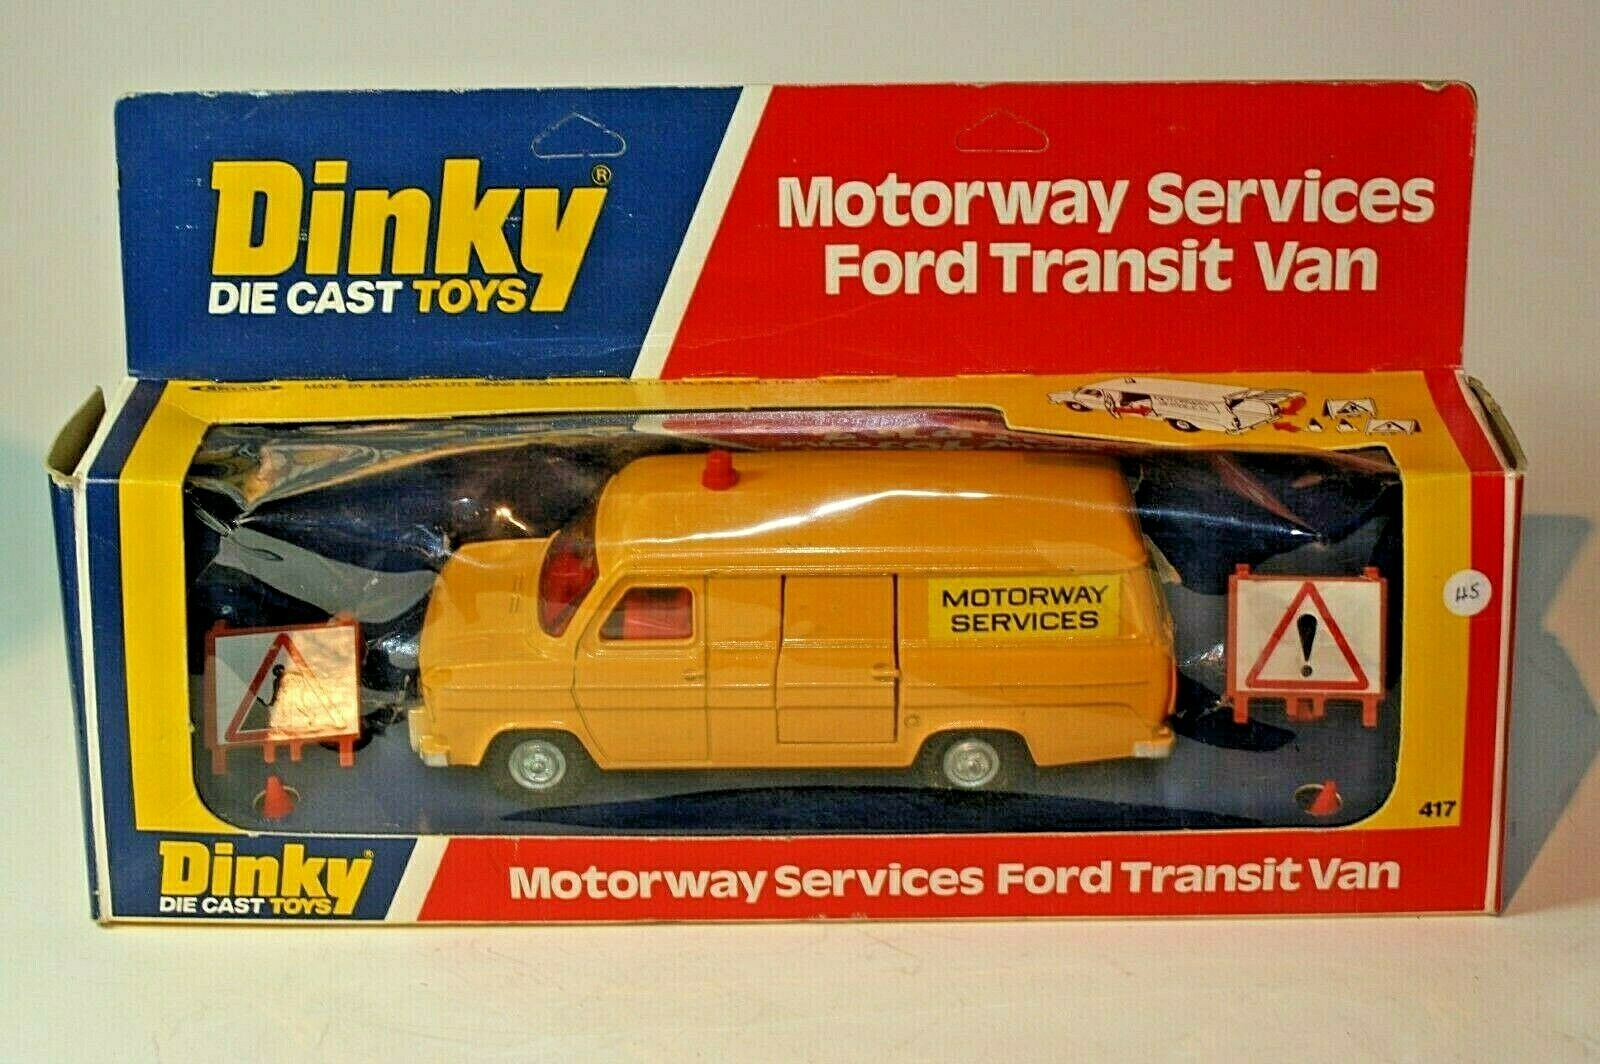 barato en línea Dinky 417 Ford Transit Van autopista servicios servicios servicios Perfecto Estado En Caja Original Buenas  marcas de moda